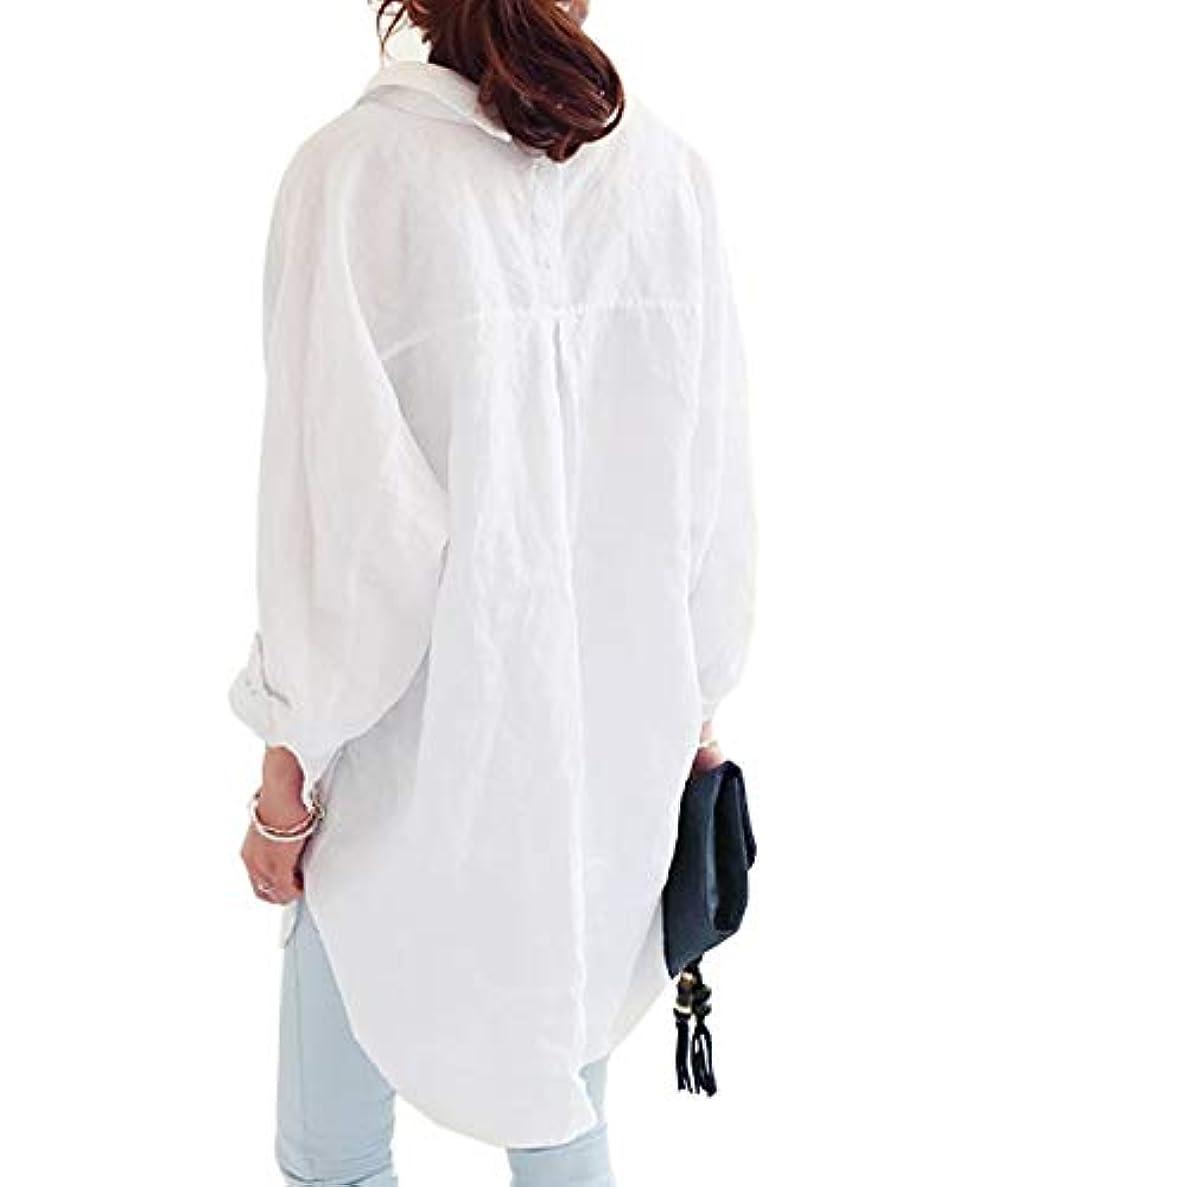 傭兵多年生悲観主義者[ココチエ] シャツ ワンピ レディース ブラウス 長袖 ロング 水色 白 大きいサイズ おおきいサイズ おしゃれ ゆったり 体型カバー 前開き